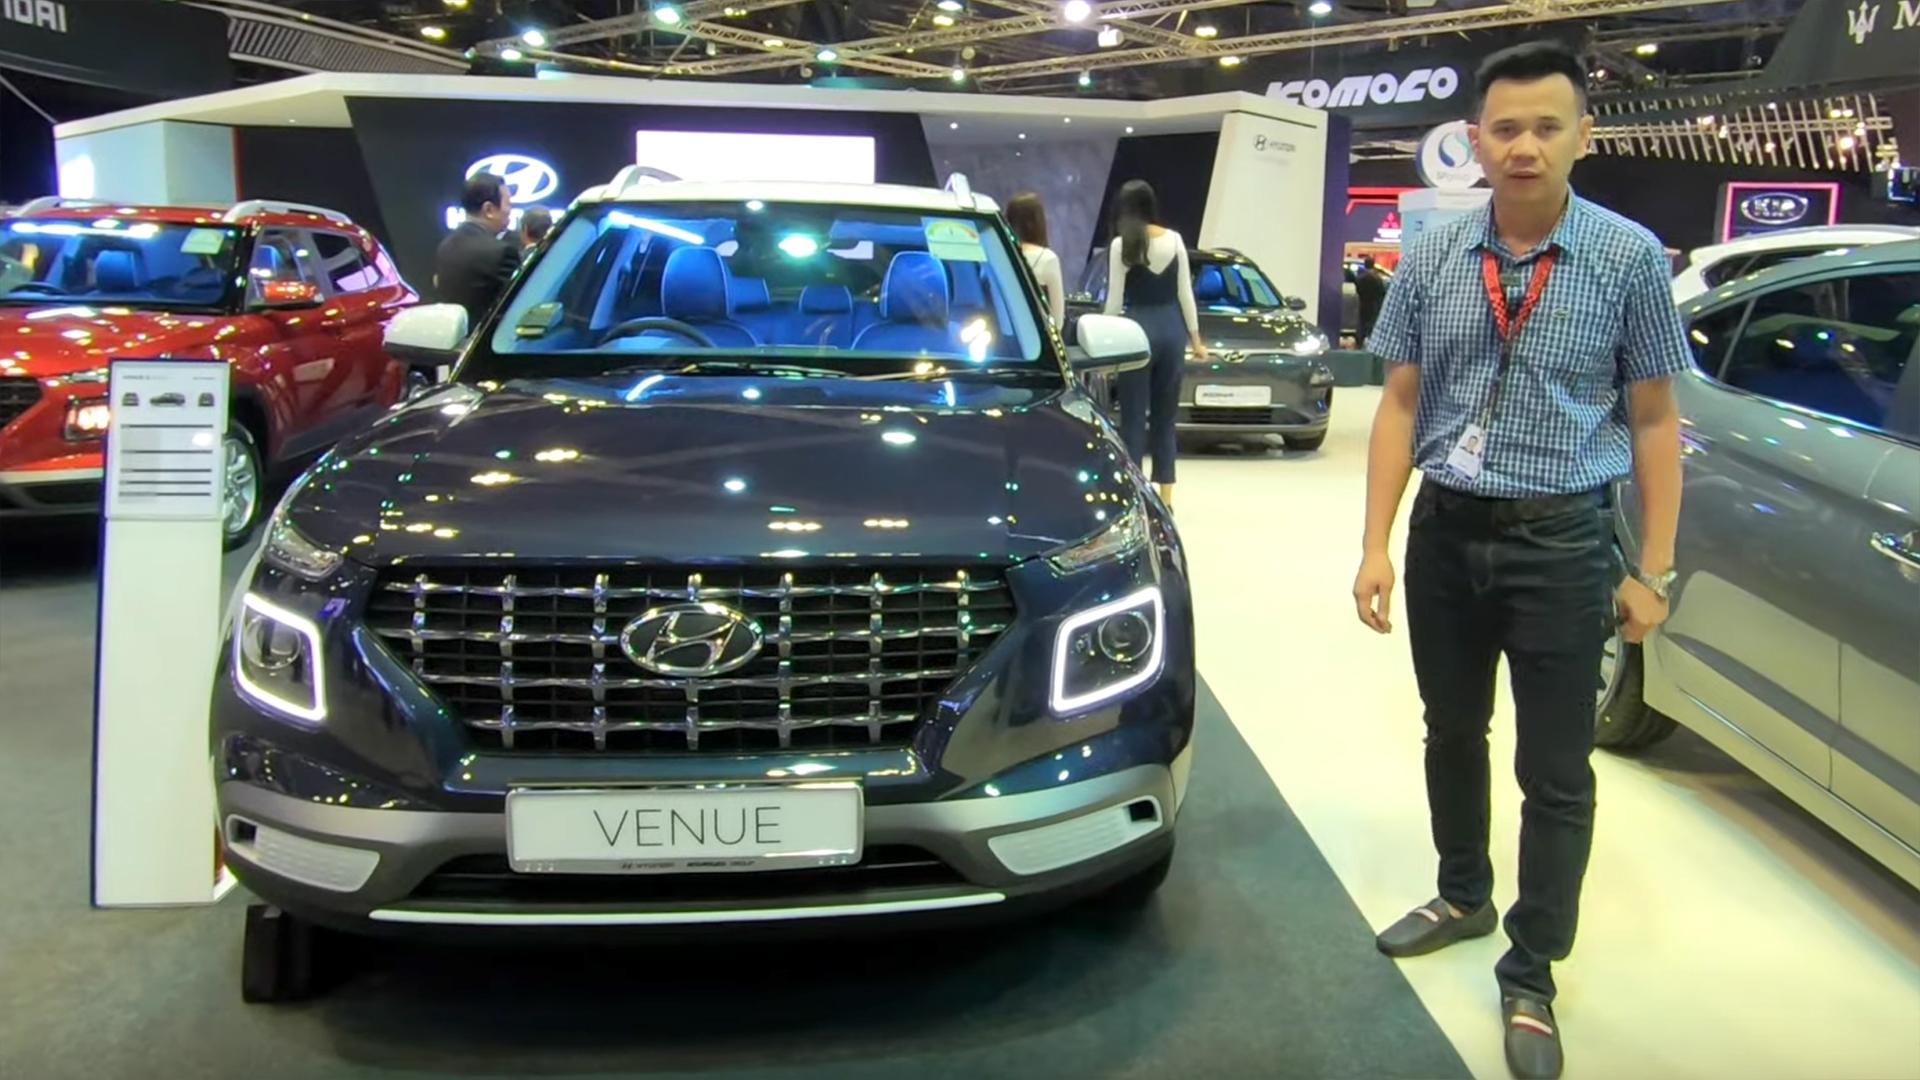 Đánh giá Hyundai Venue 2020: SUV rẻ nhất của Hyundai sẽ về Việt Nam?